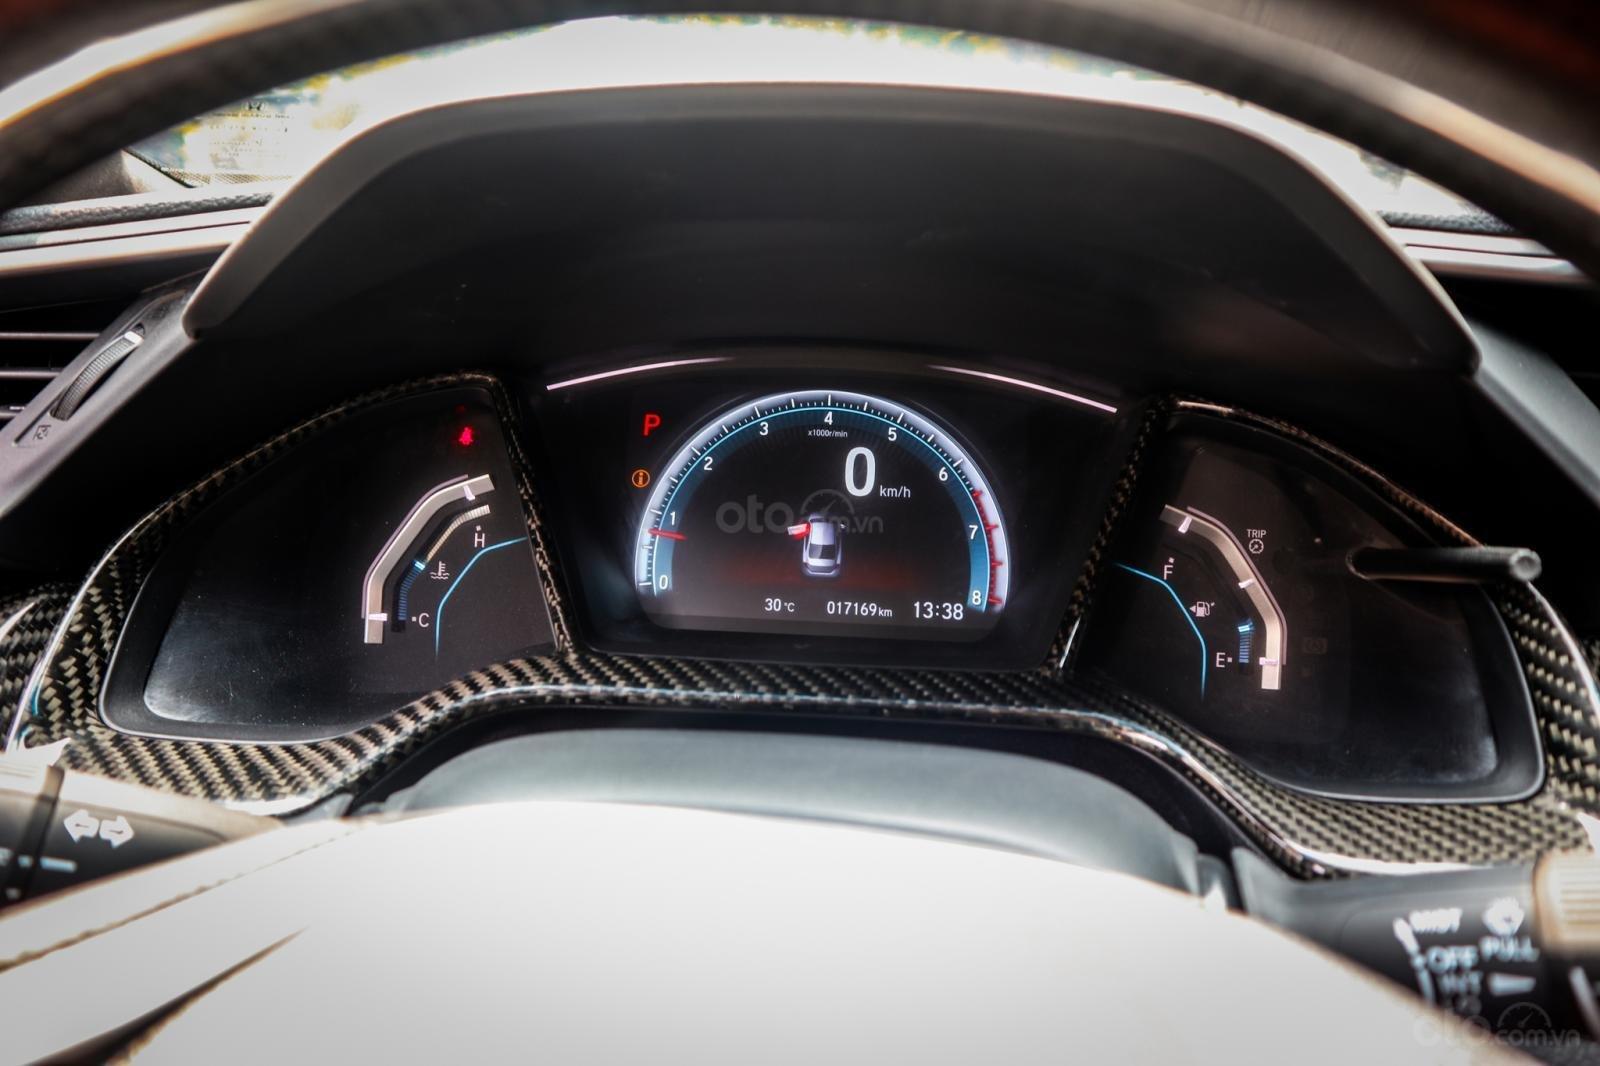 Honda Civic 1.5L VTEC Turbo sản xuất 2017, màu đen (16)